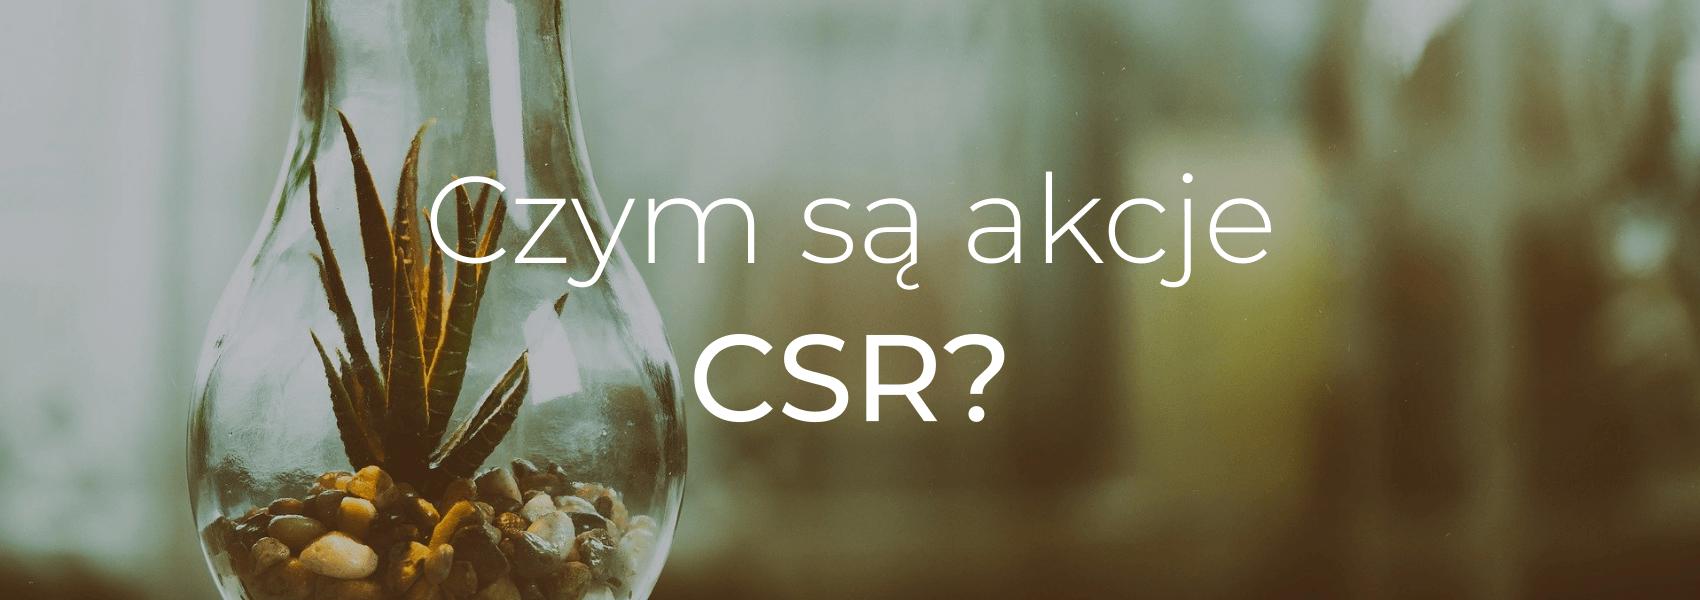 Czym są akcje CSR?